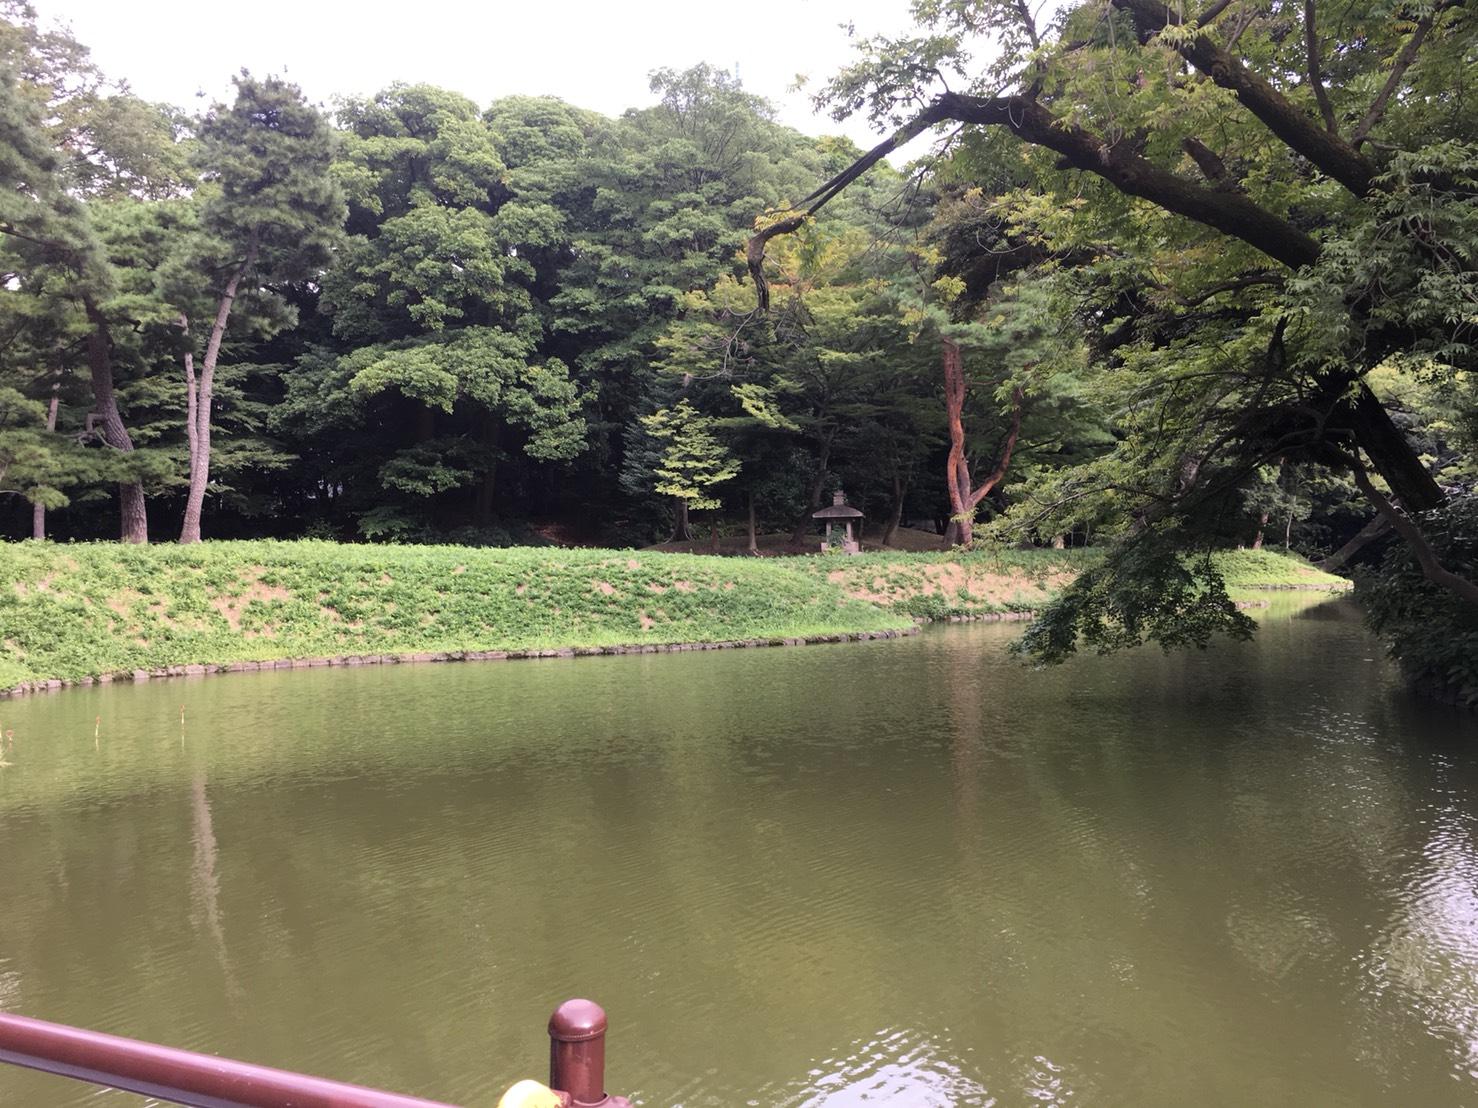 【飯田橋駅】江戸時代の中国趣味豊かな景観で一句「小石川後楽園」の庭園5